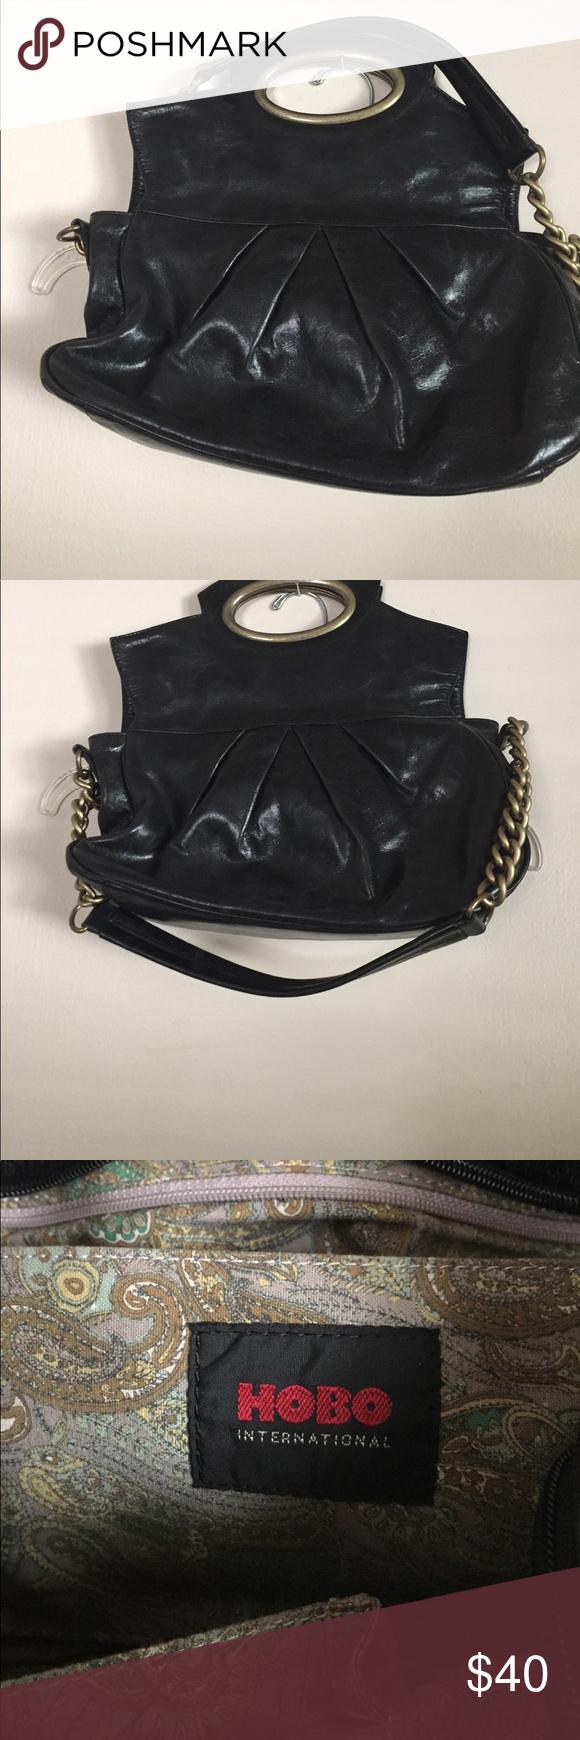 8c94d7303af Black hobo purse Love❤ ❤ ❤️this black over the shoulder bag!